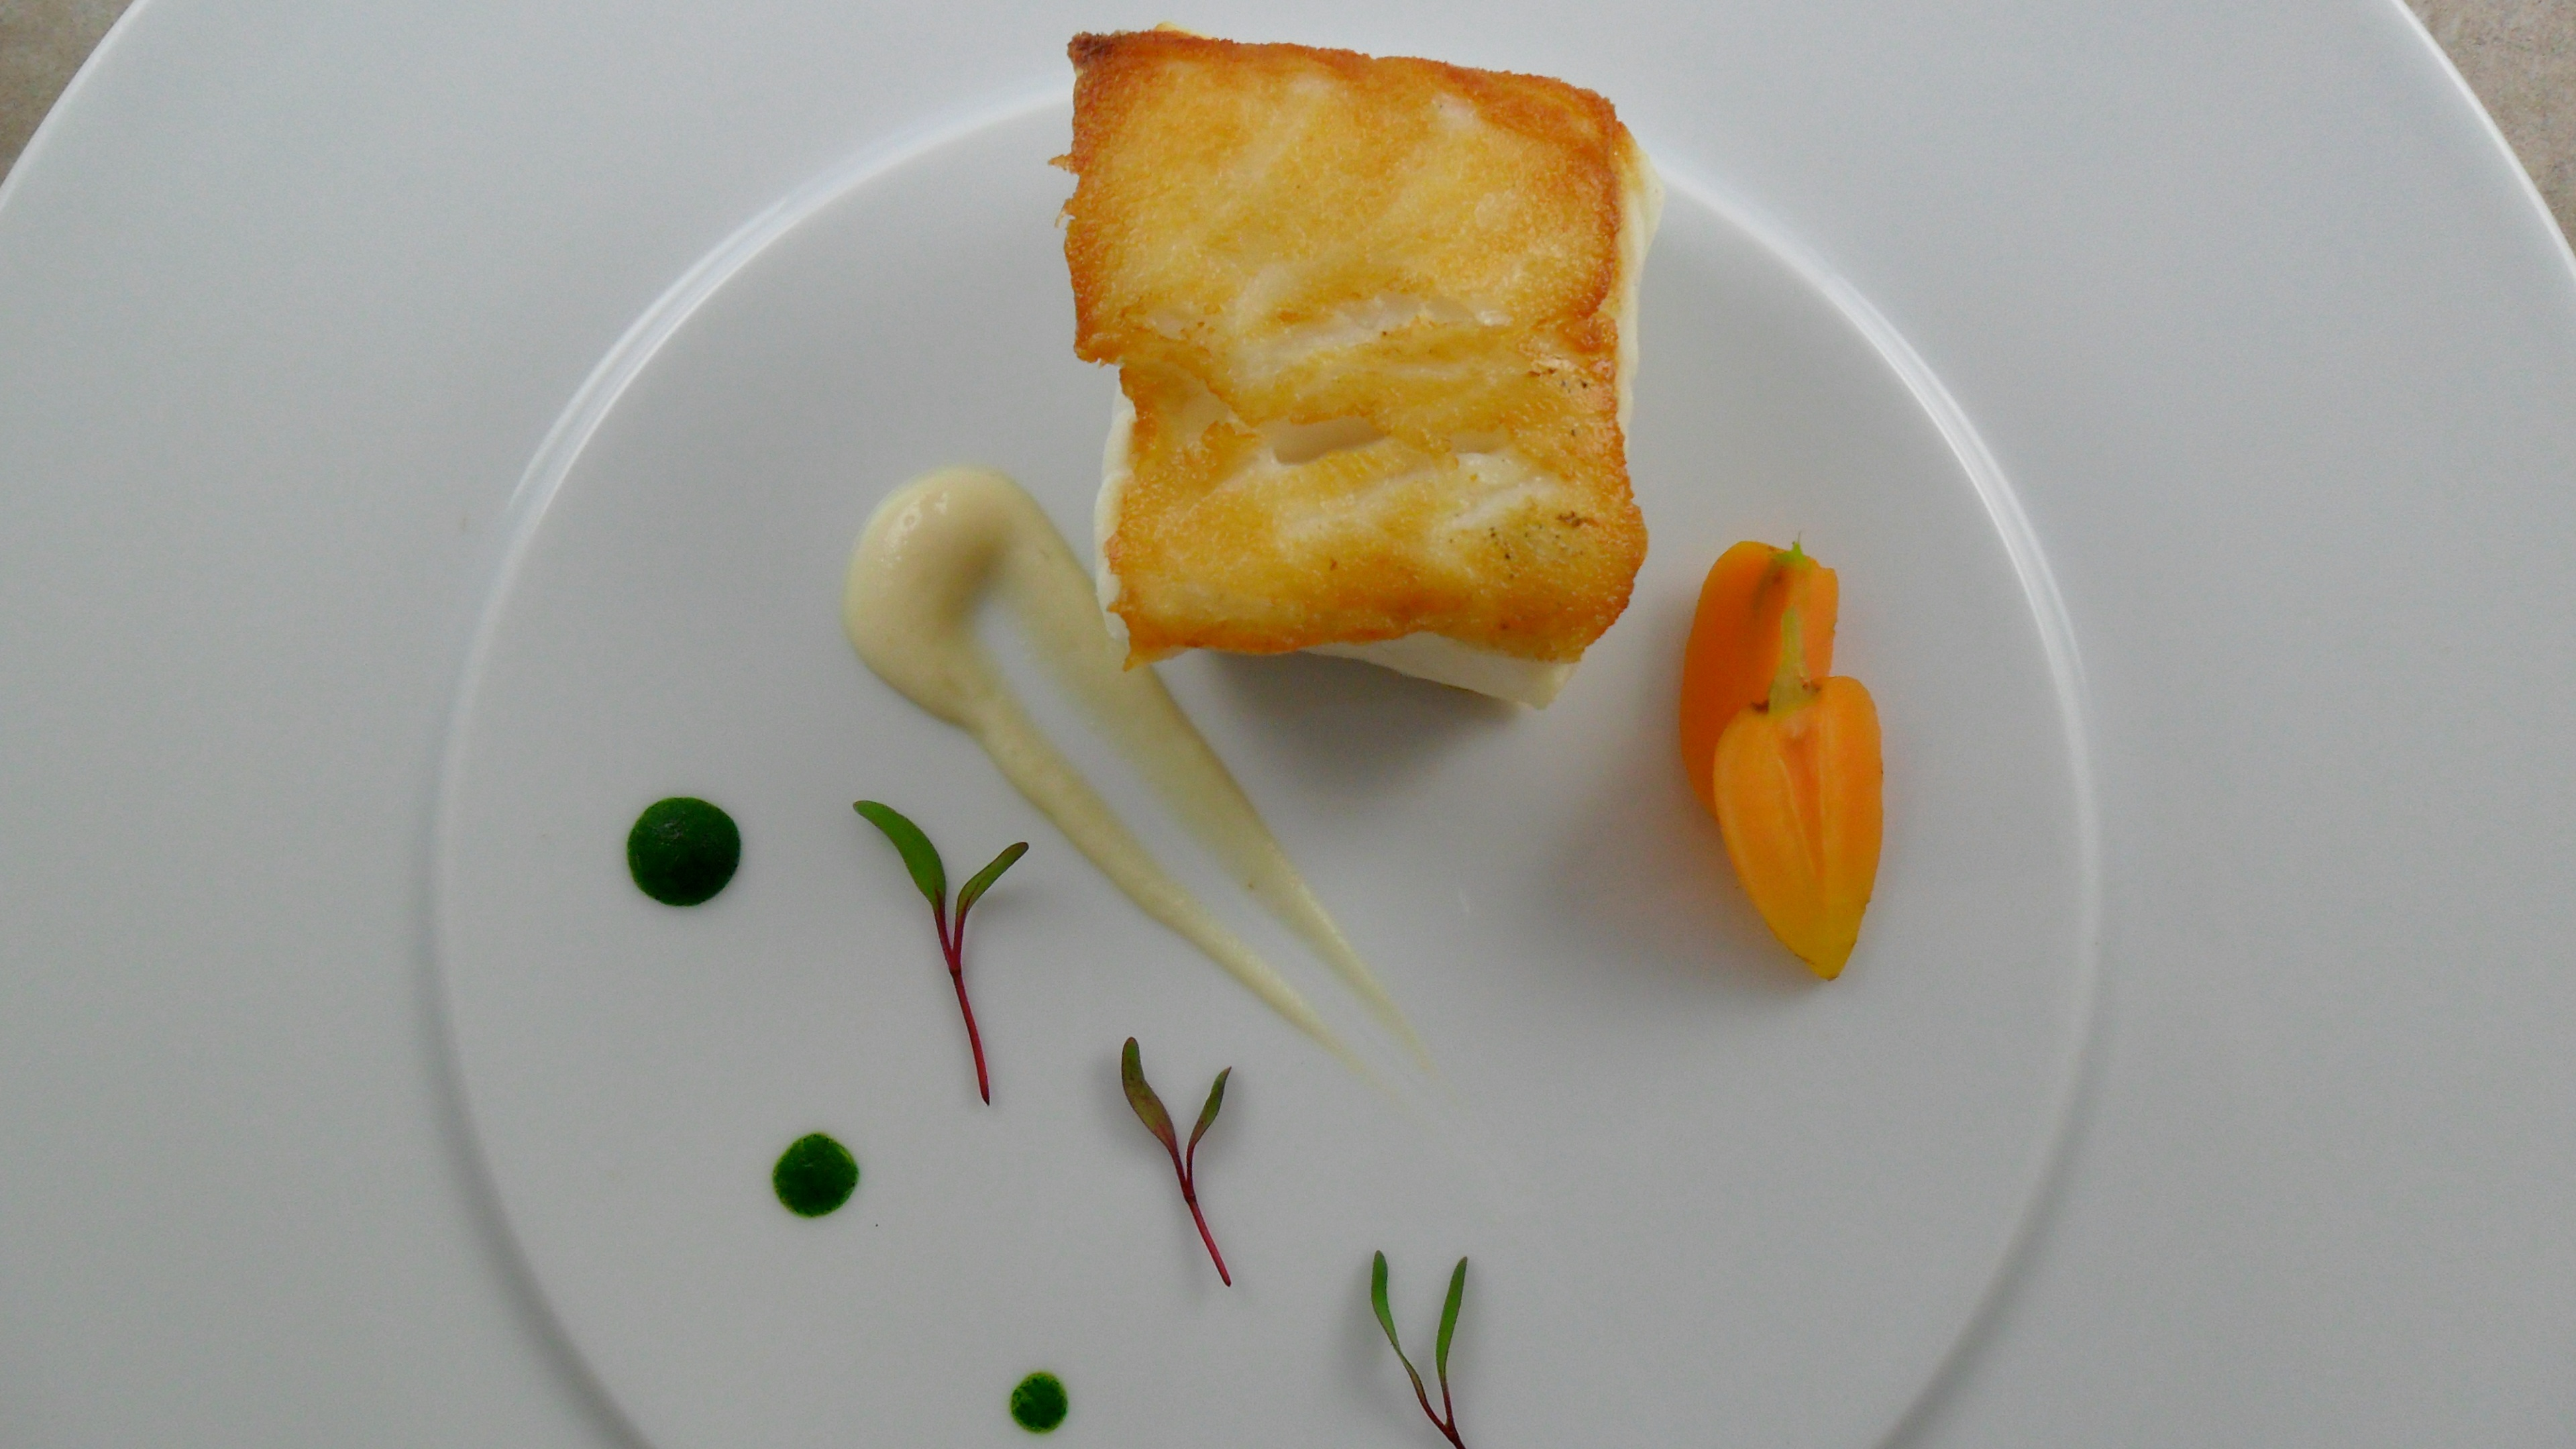 A Beautiful Sea Bass Plating from Chef Matthew Tillman